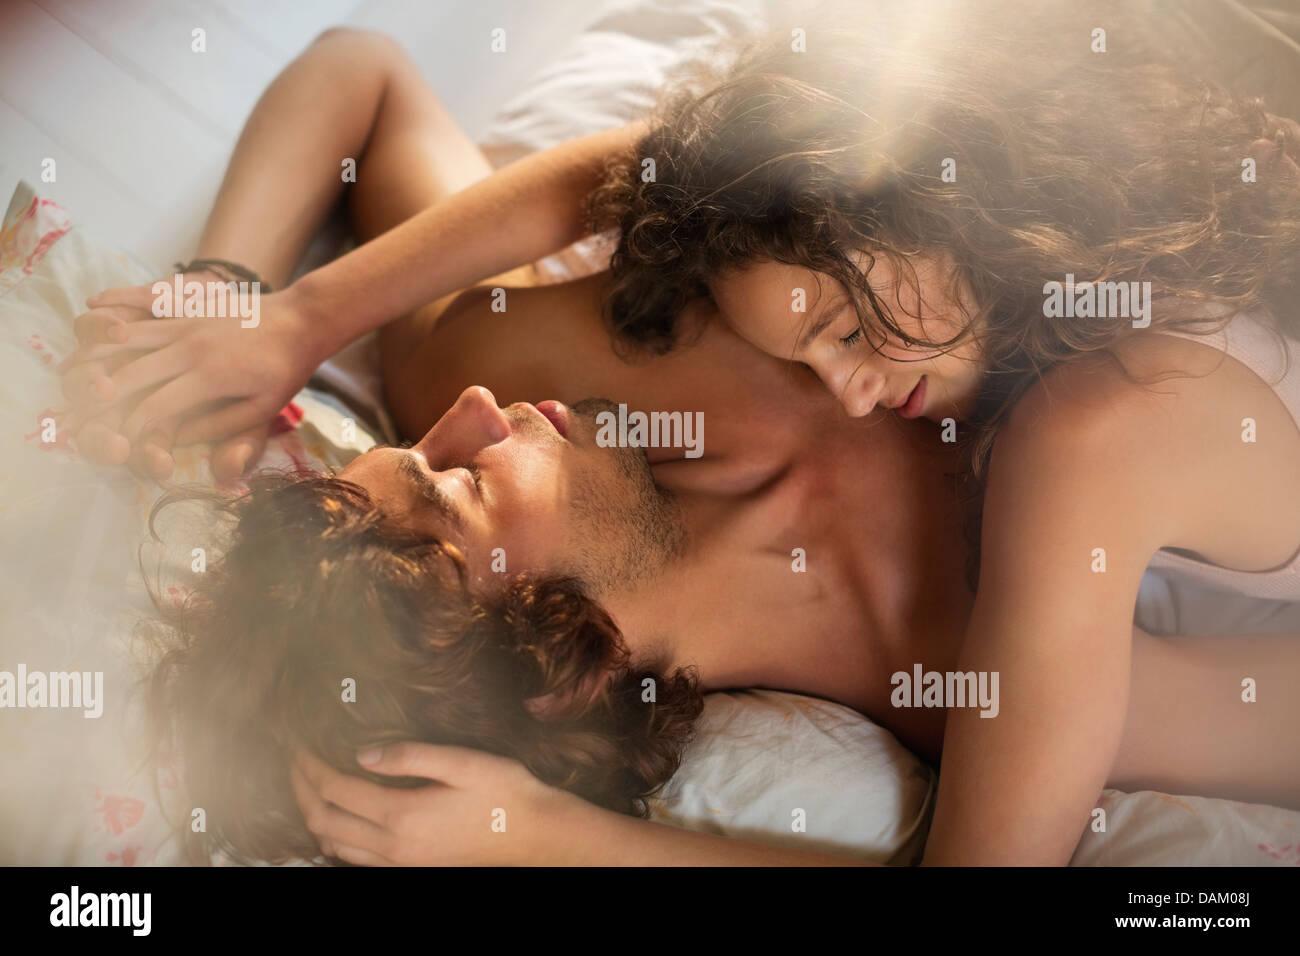 Par relajarse juntos en la cama Imagen De Stock